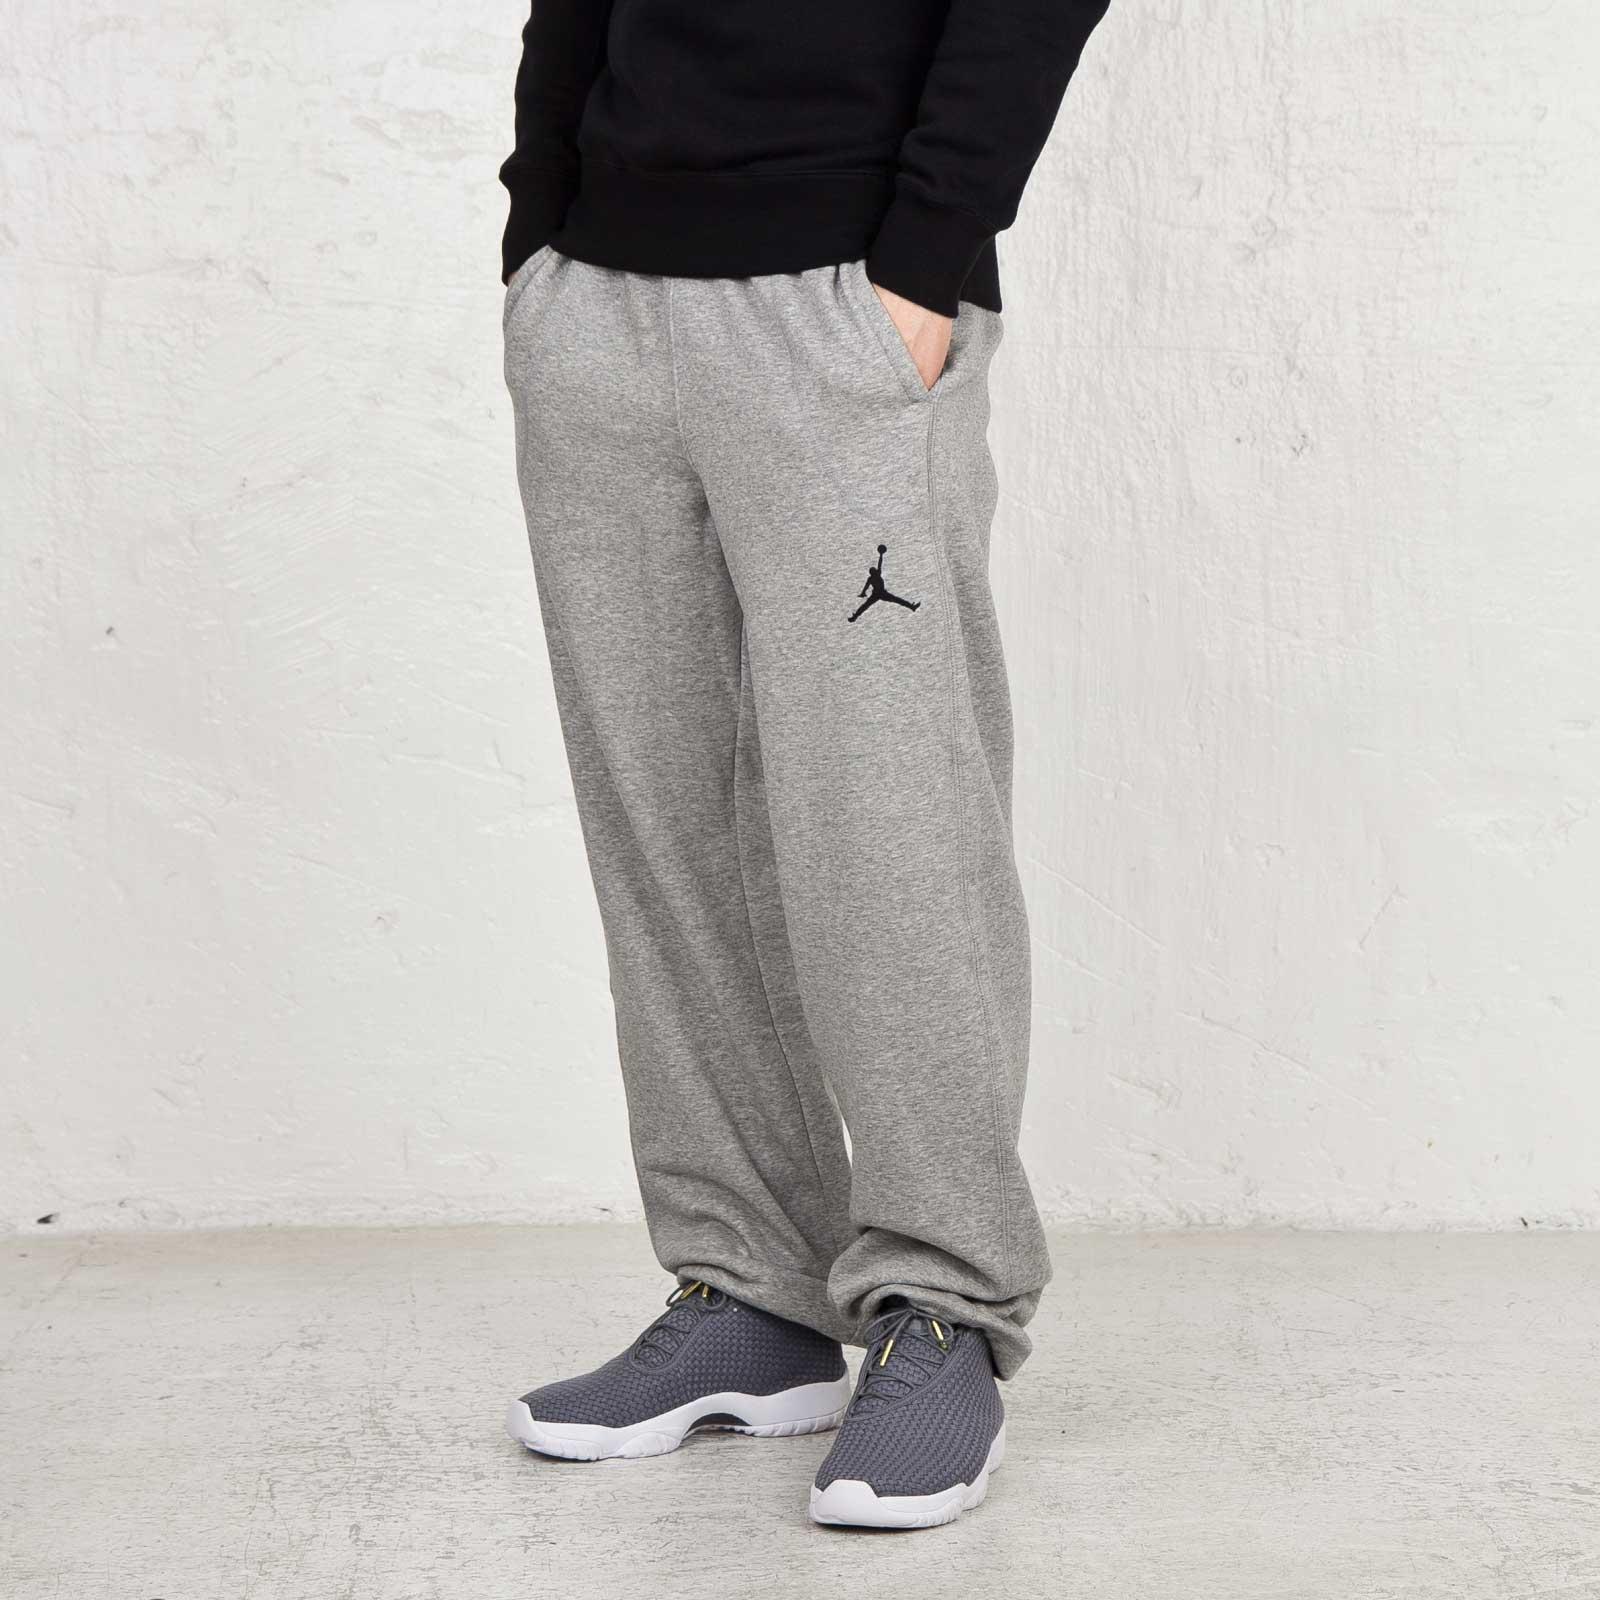 789b7a7677d Jordan Brand 23/7 Fleece Pant - 547662-063 - Sneakersnstuff   sneakers &  streetwear online since 1999